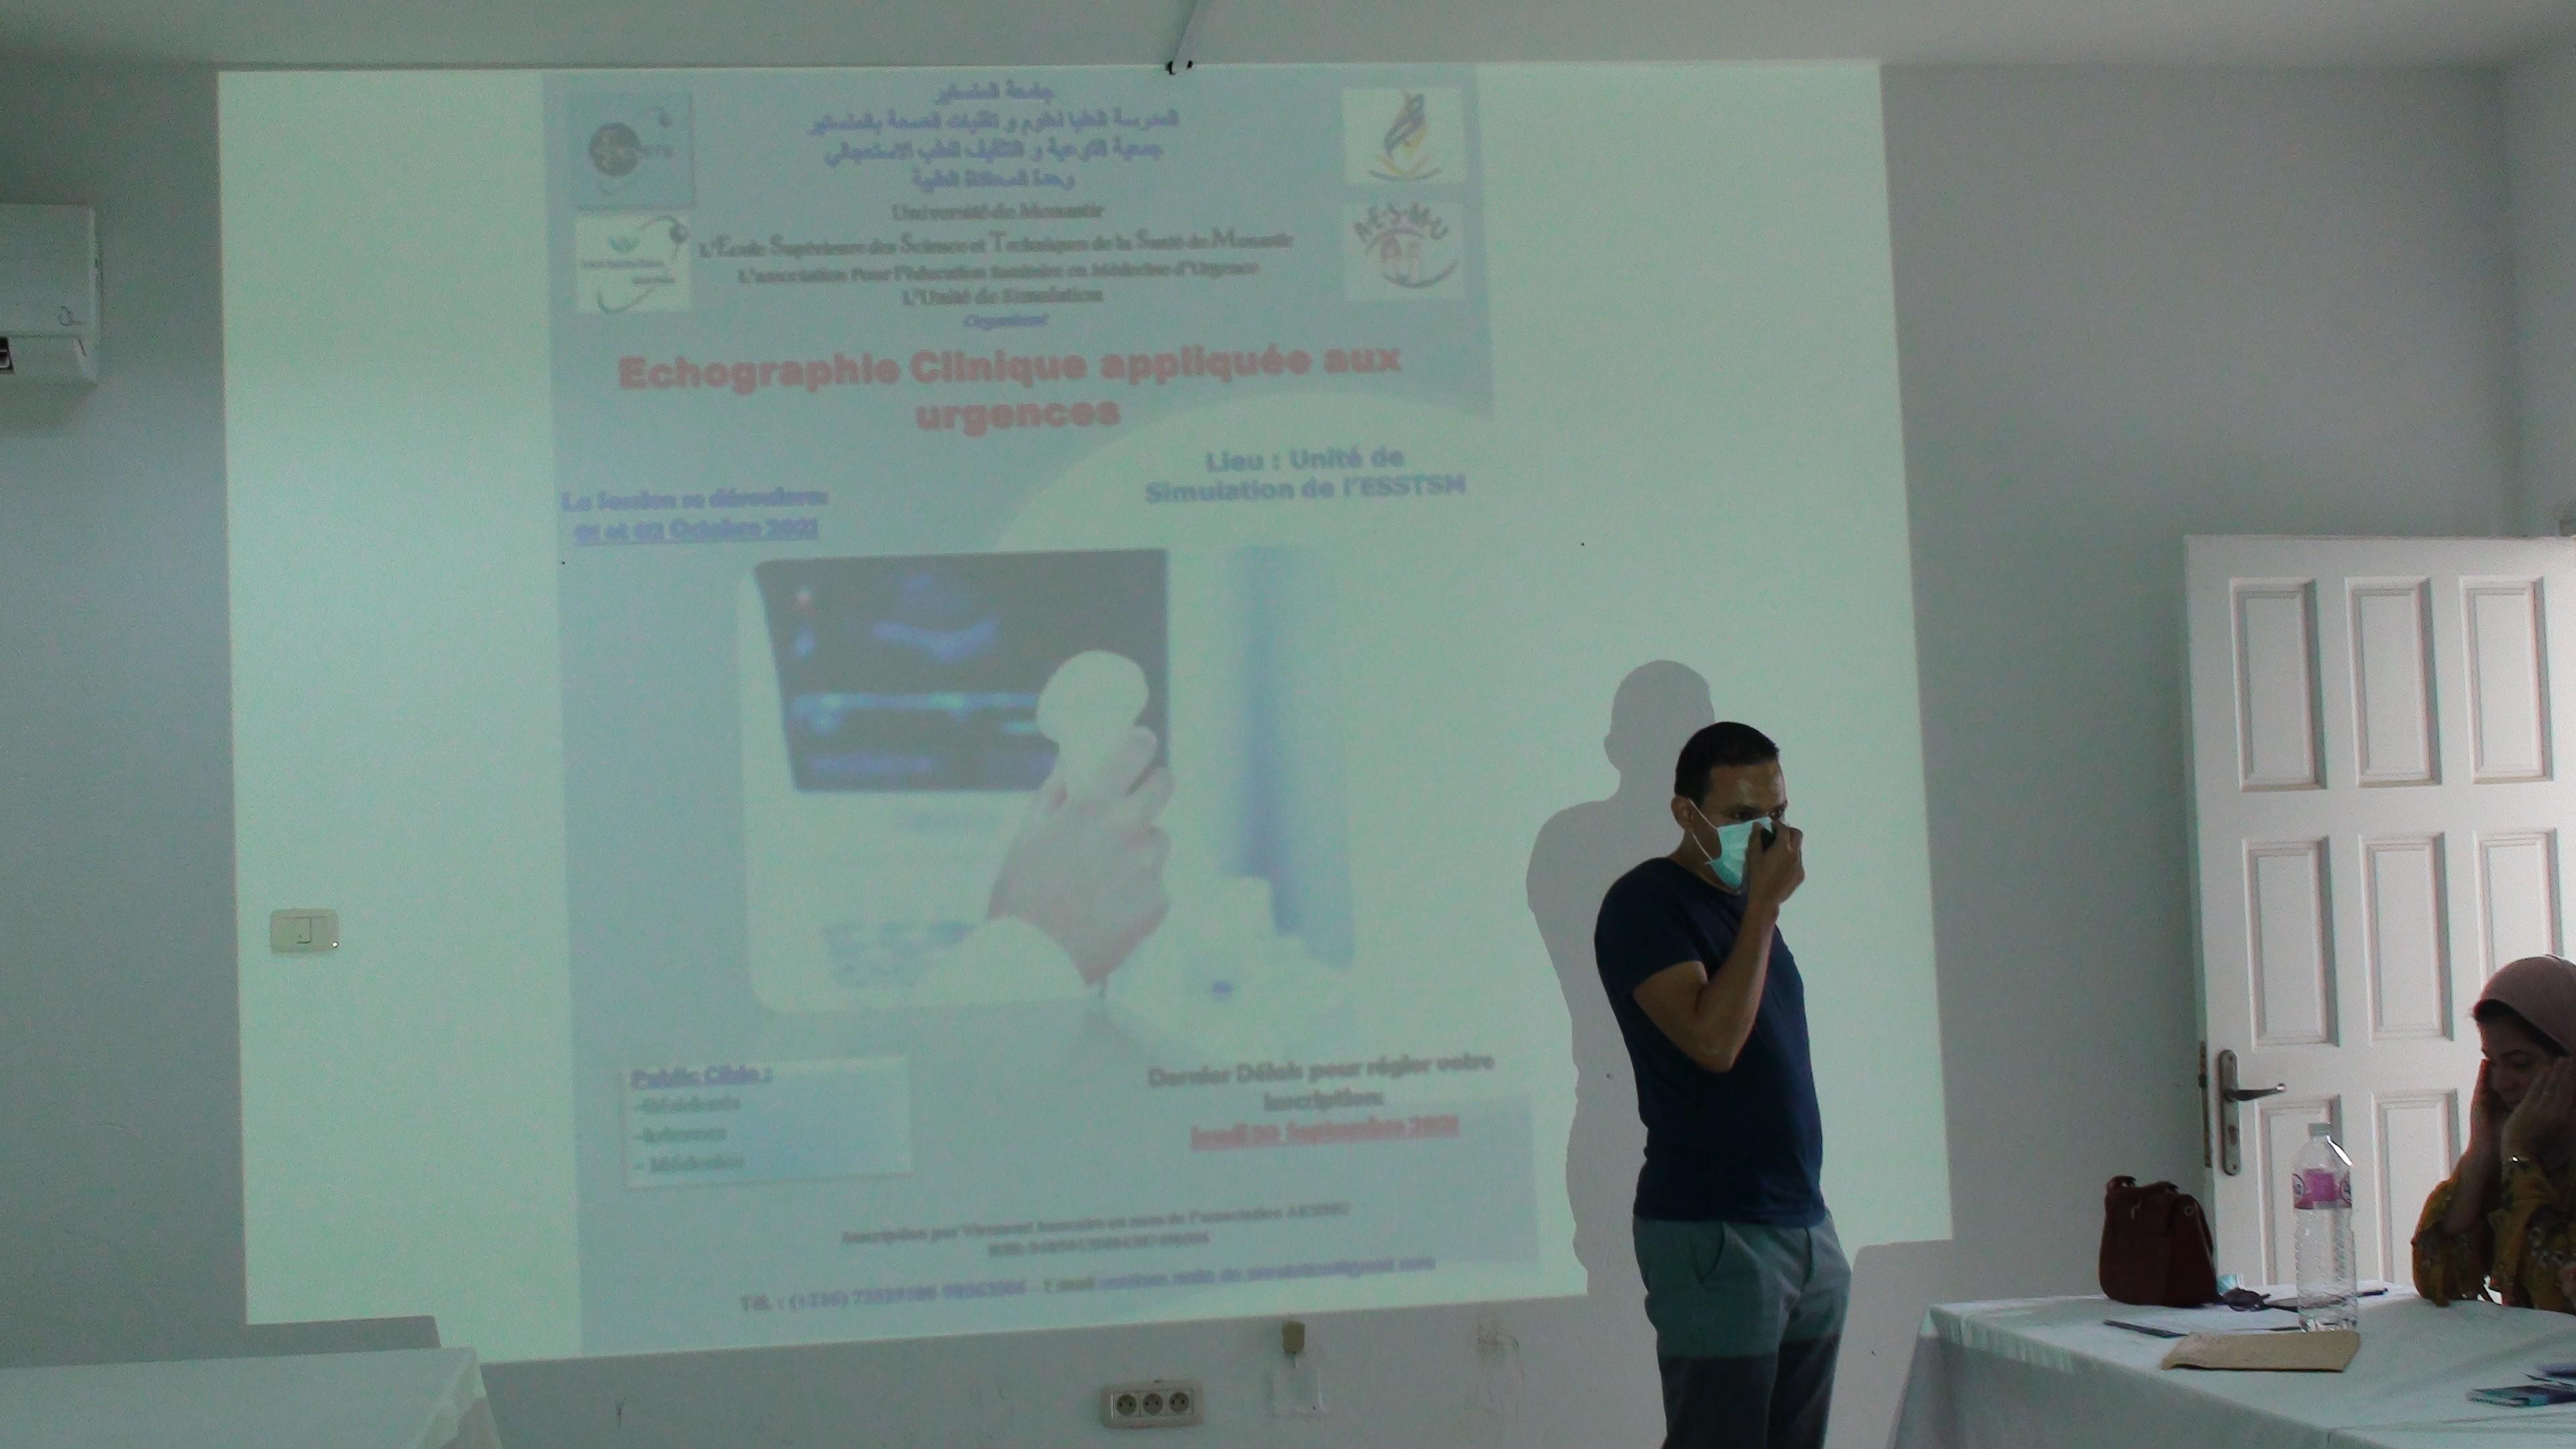 Master Class en Echographie Clinique